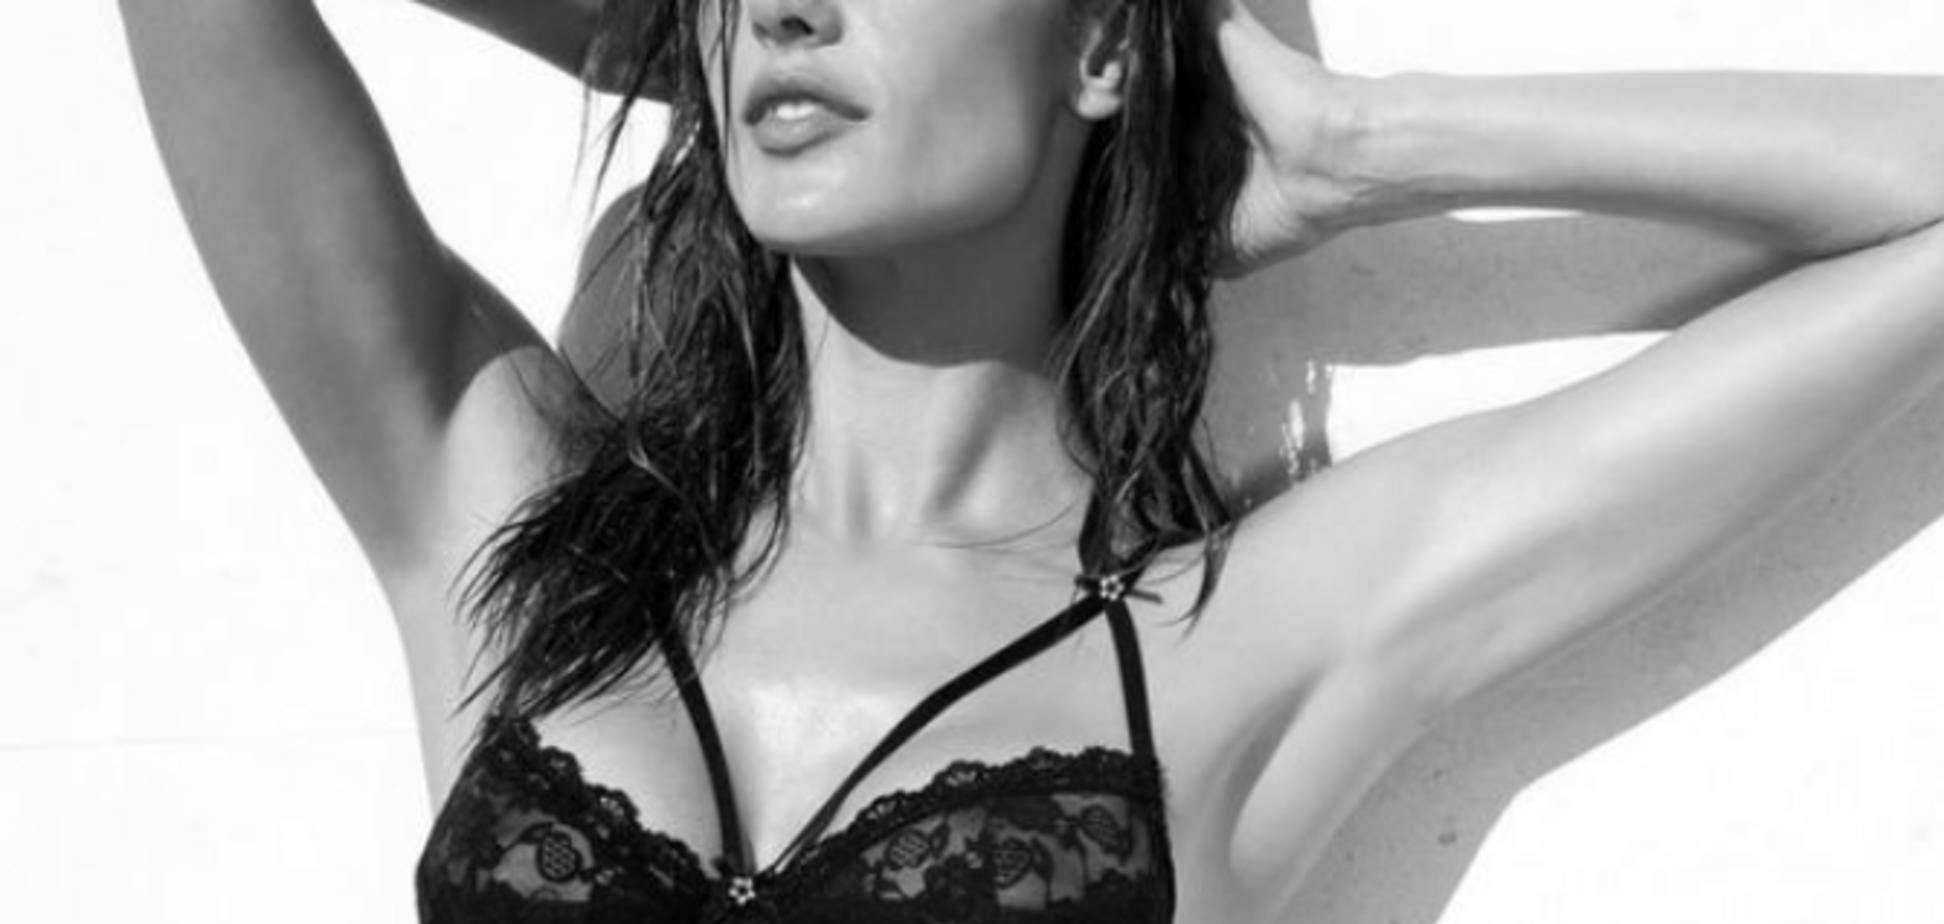 Популярная ''ангел'' Victoria`s Secret снялась без одежды: горячее видео